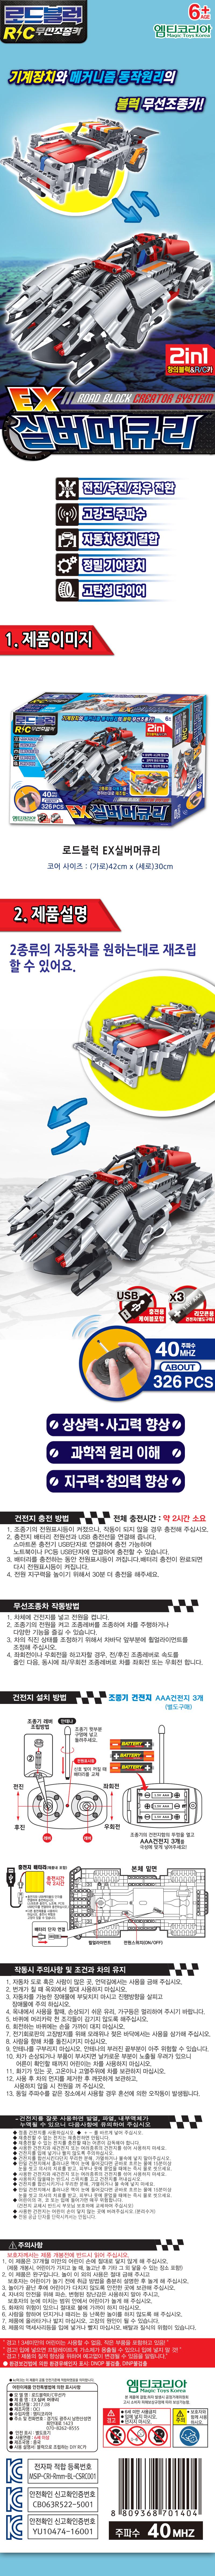 로드블럭 2in1 EX 실버 머큐리 - 우토, 45,900원, R/C 카, 미니 R/C카